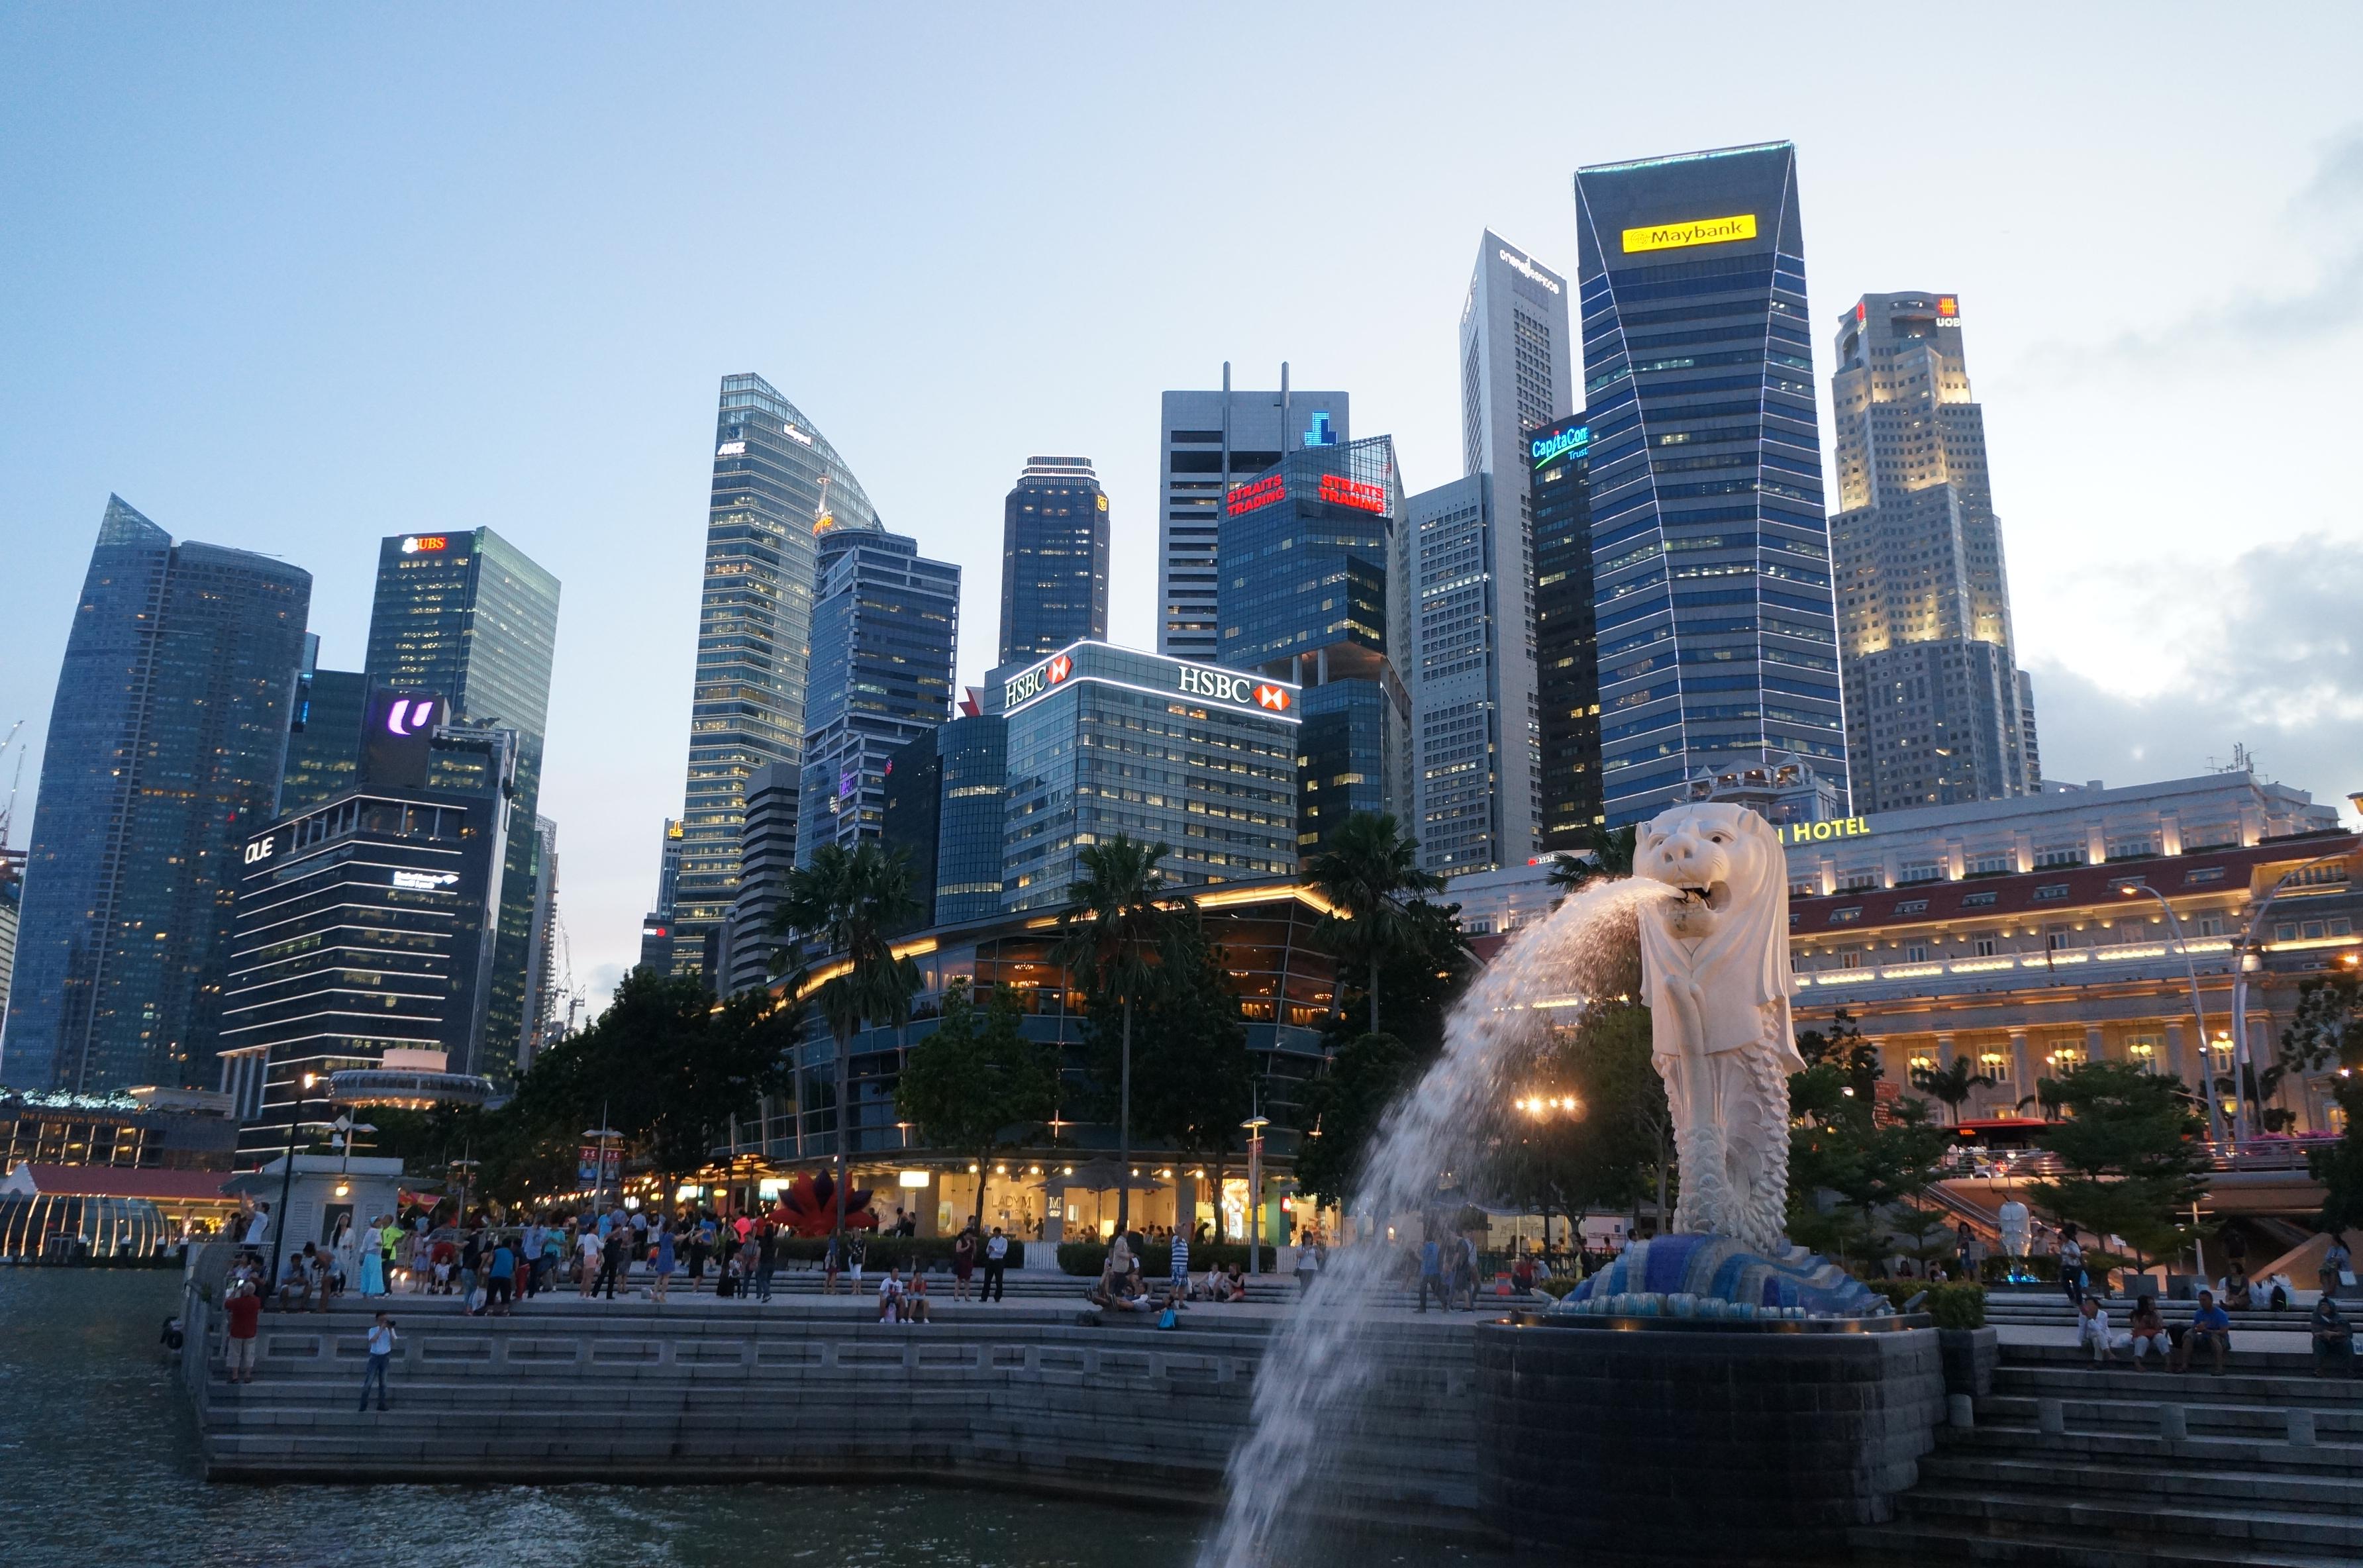 【携程攻略】新加坡鱼尾狮像公园景点,看到这个喷水的